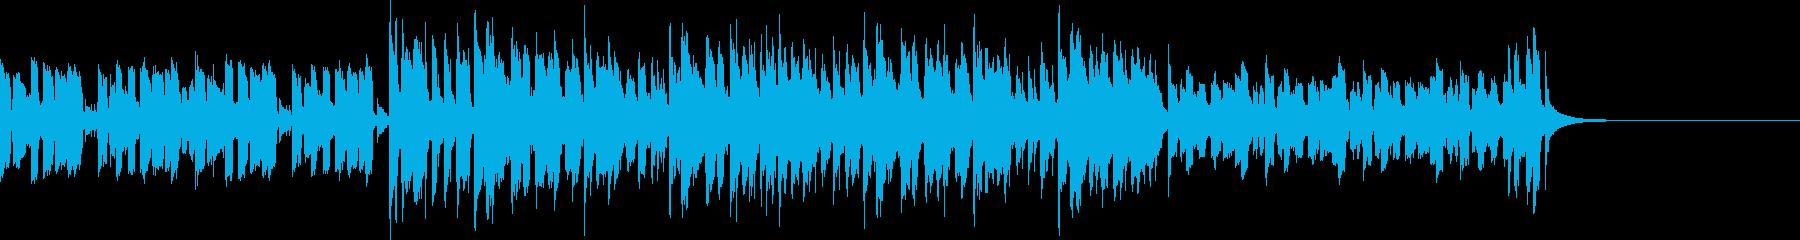 昭和歌謡風ポップス コミカルで元気 CMの再生済みの波形